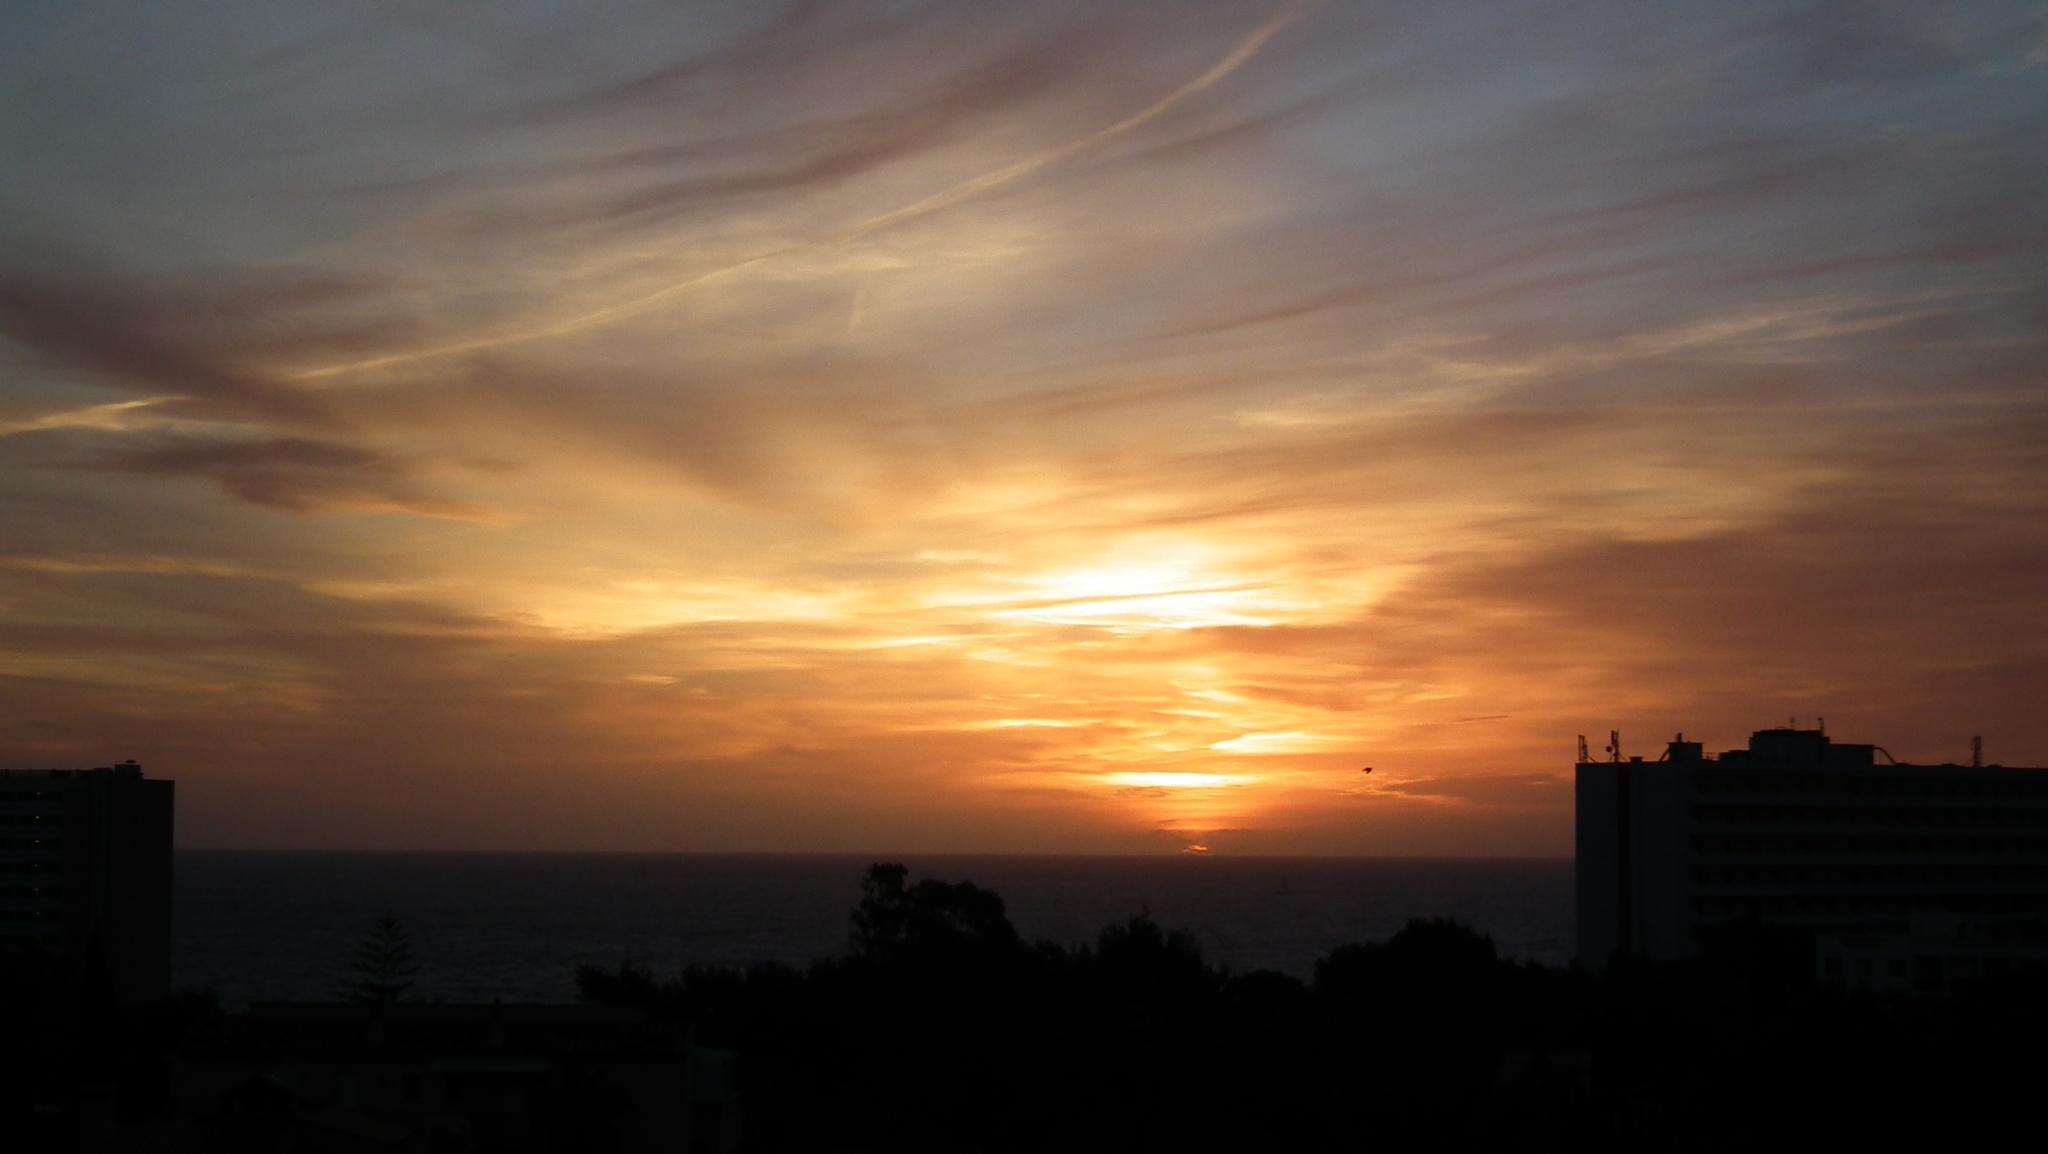 sunset over the med by graham.drew.90